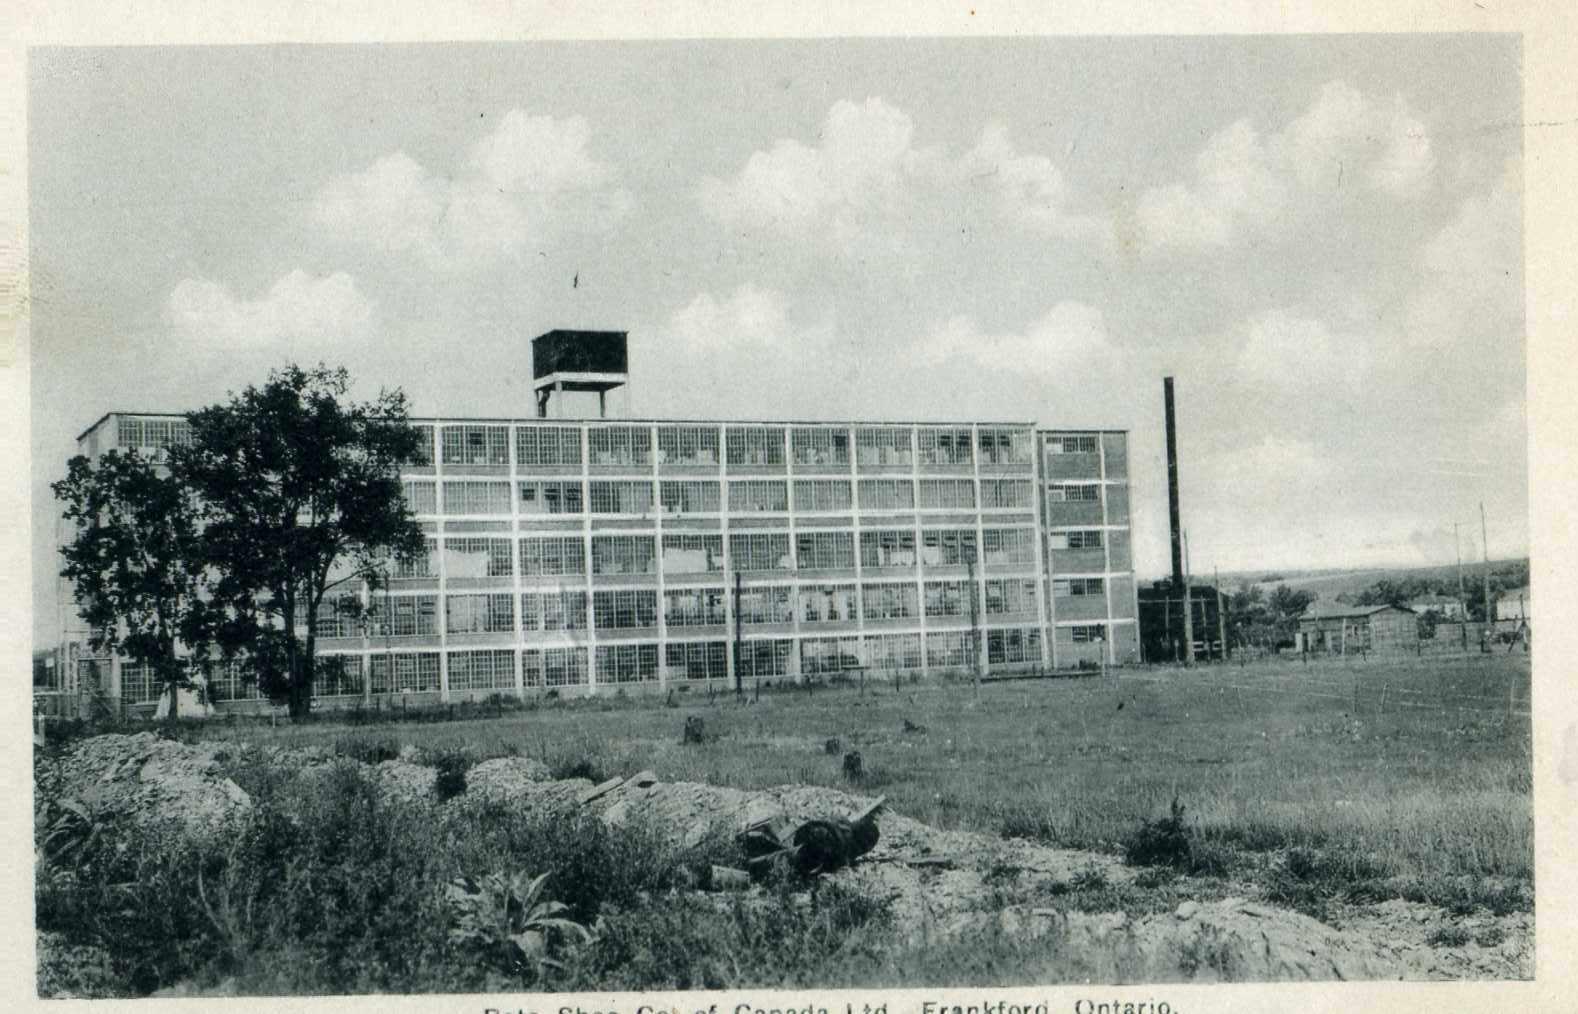 Bata Shoe Factory